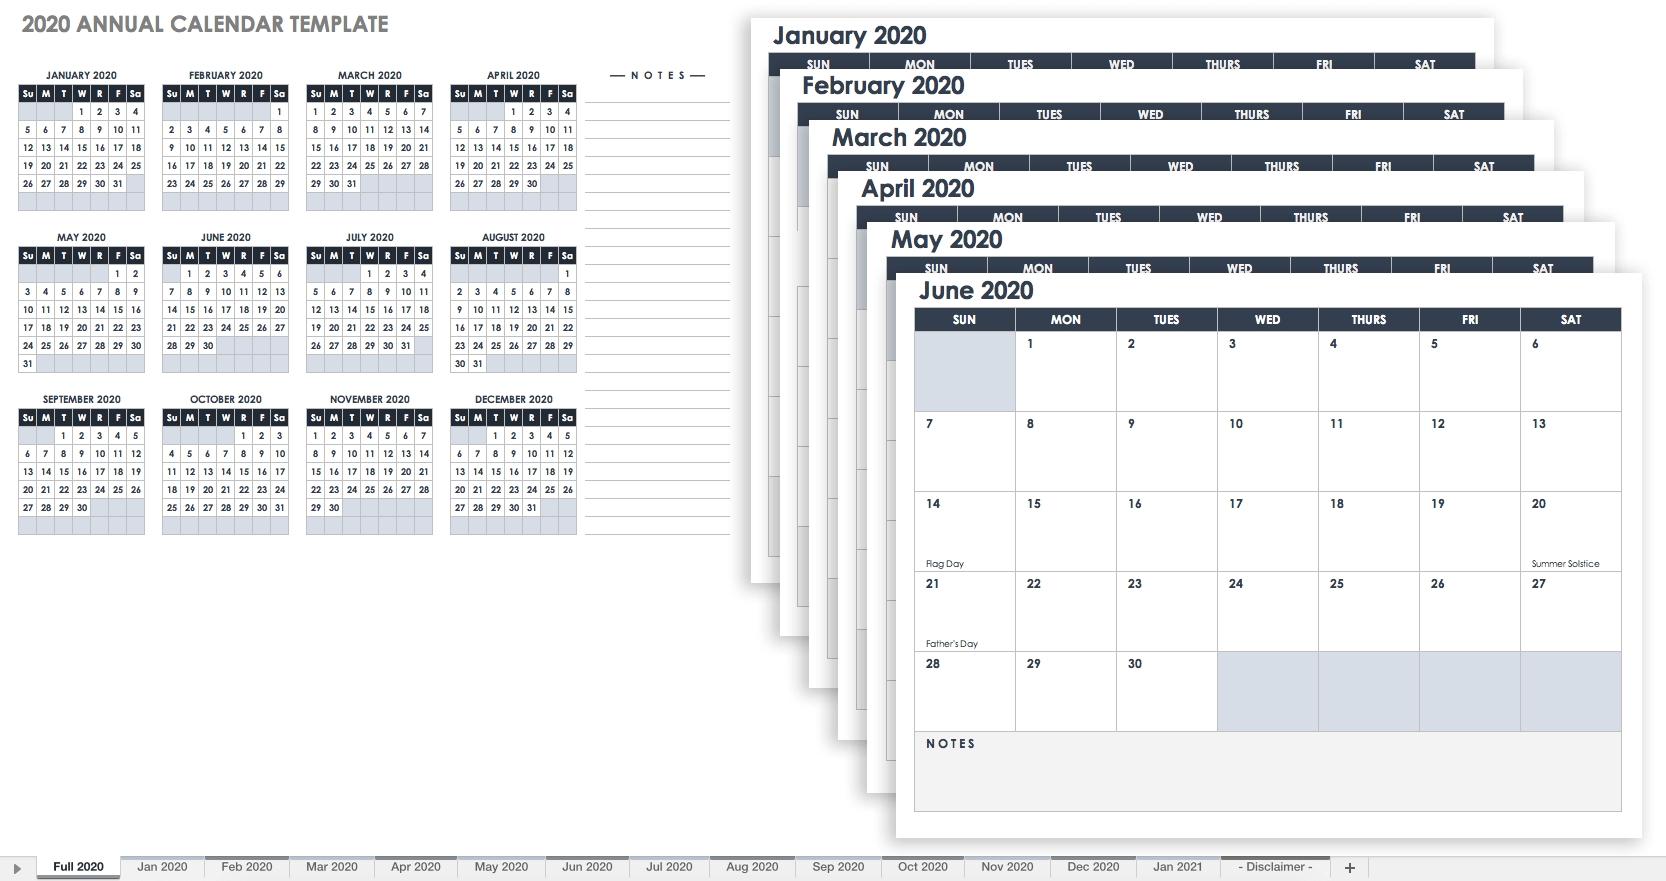 Free Blank Calendar Templates - Smartsheet inside 12 Week Blank Calendar Printable